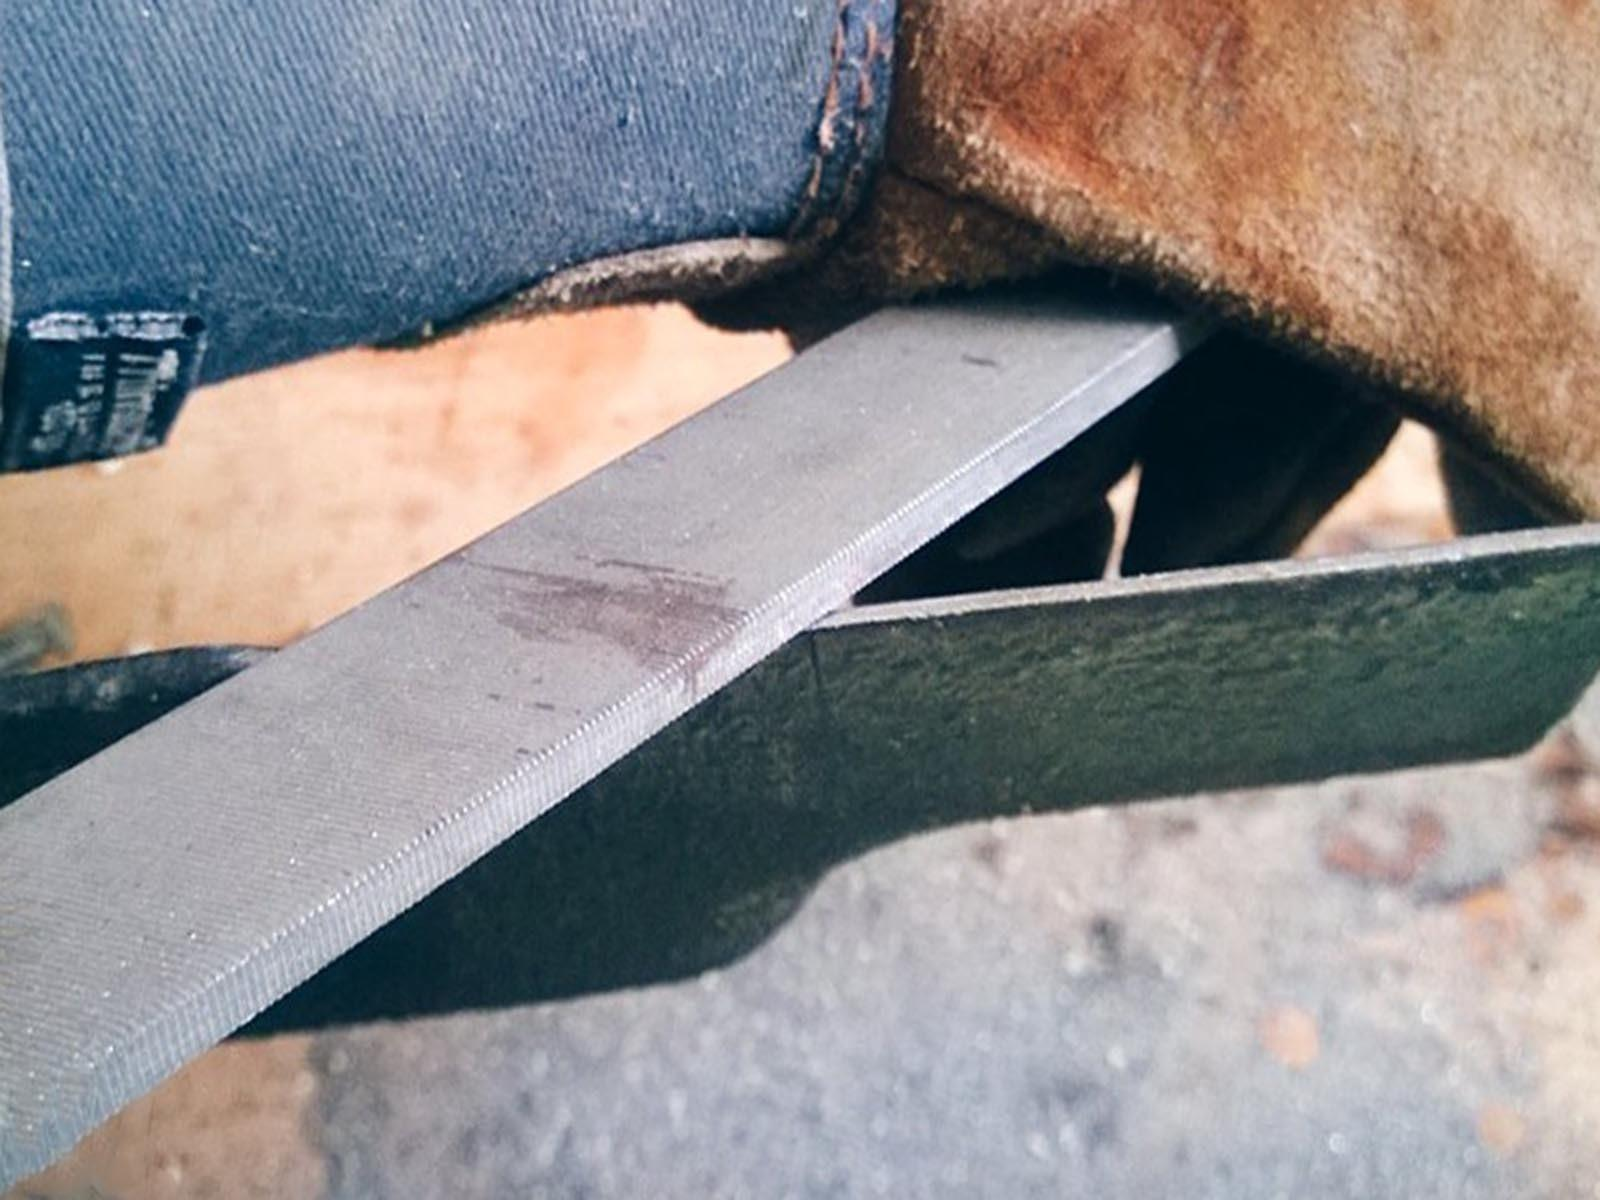 Как правильно затачивать нож на самодельной газонокосилке